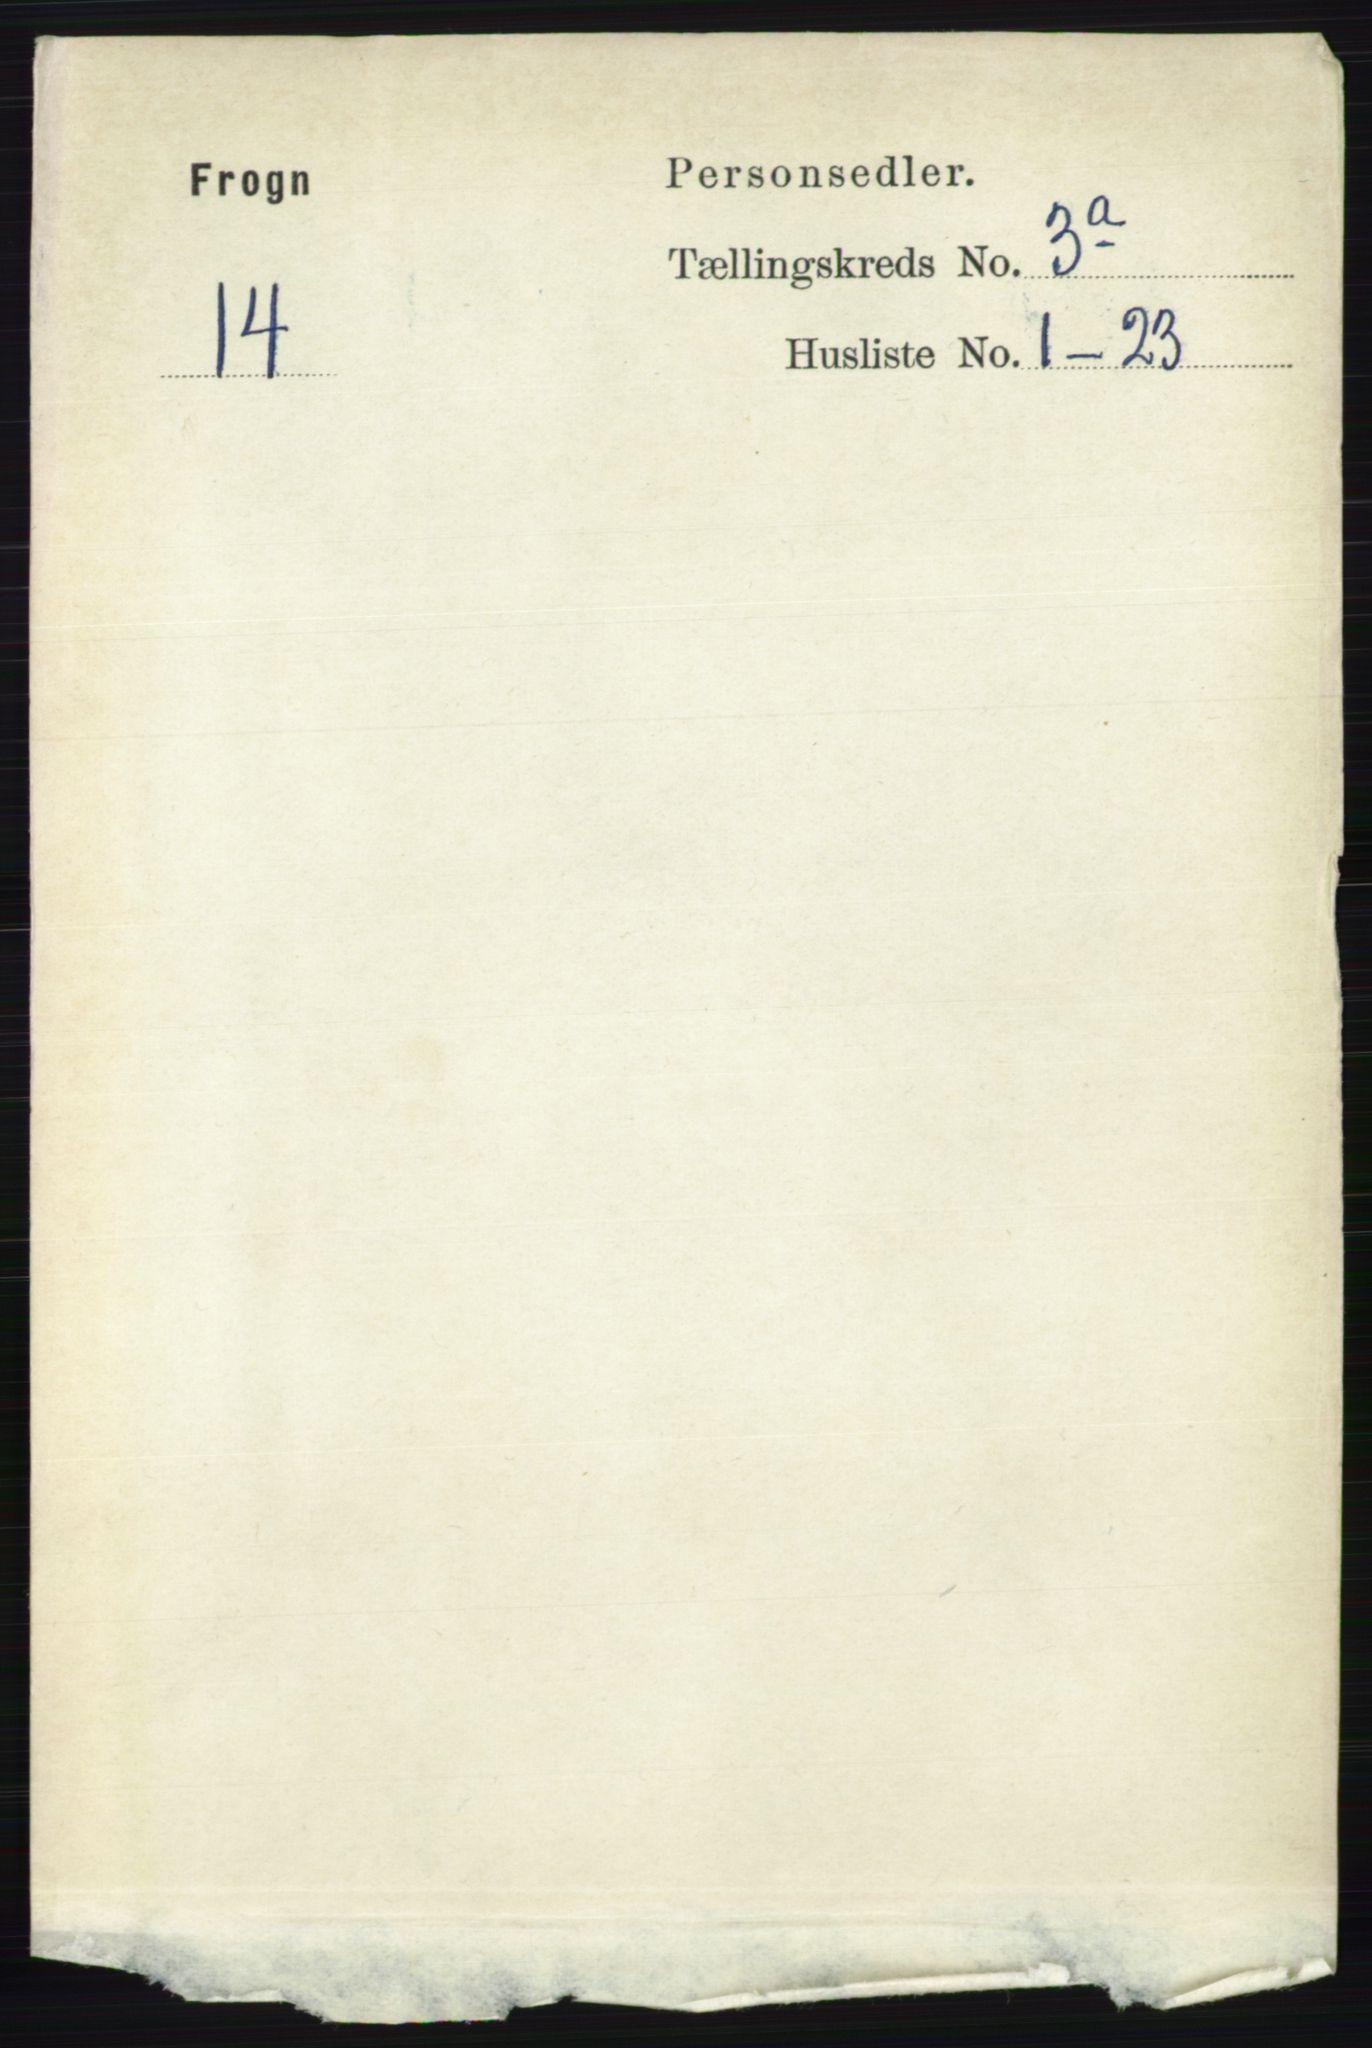 RA, Folketelling 1891 for 0215 Frogn herred, 1891, s. 1910